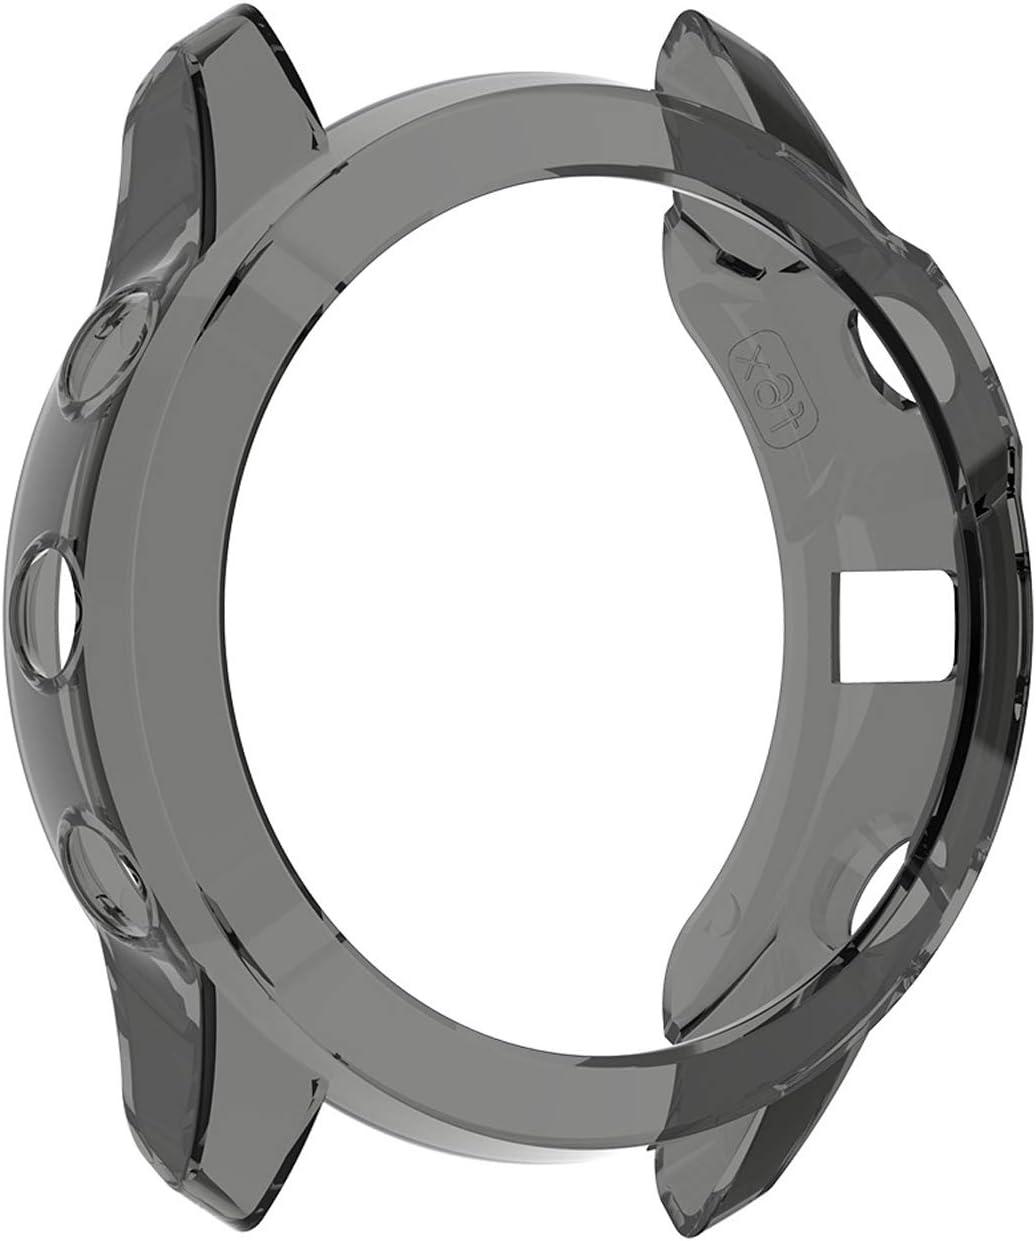 Silicone TPU Case Cover Compatible for Garmin Fenix 6S Garmin Fenix 6S Sapphire//Garmin Fenix 6S Pro 2 Pack-Black case, Fenix 6S Series Compatible for Garmin Fenix 6S Pro Case